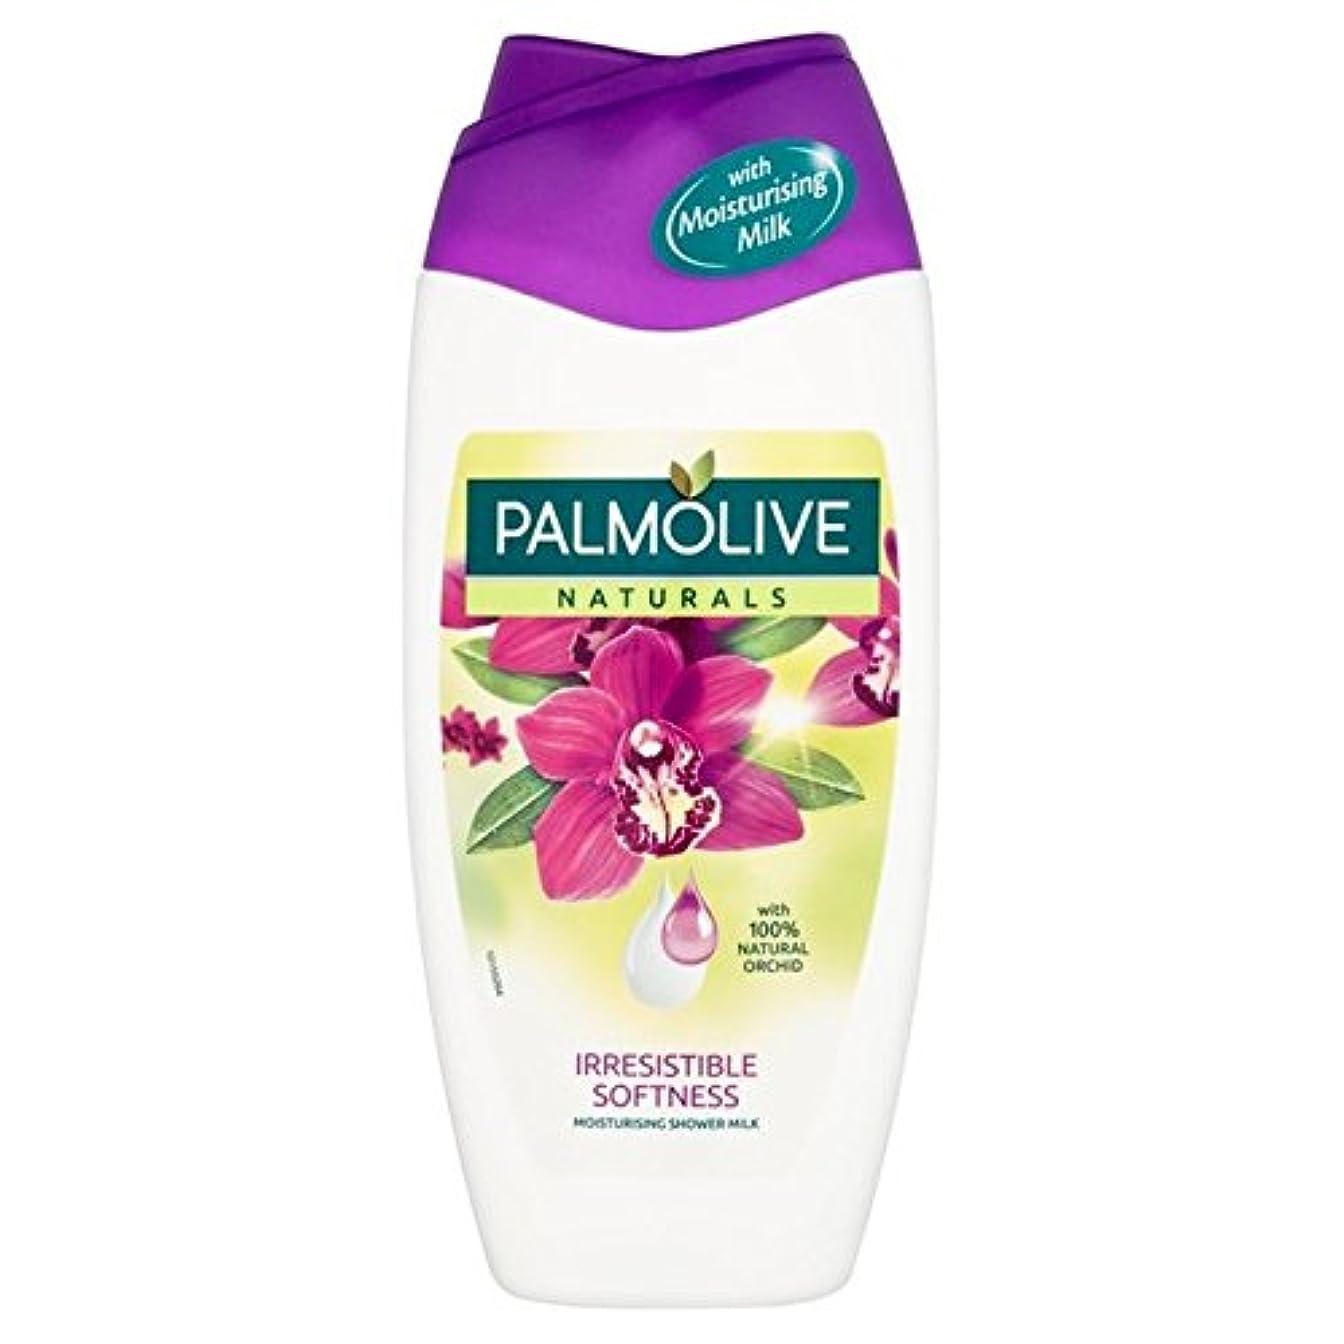 栄光コンベンション山岳Palmolive Naturals Shower Black Orchid 250ml - パルモナチュラルシャワー黒蘭の250ミリリットル [並行輸入品]